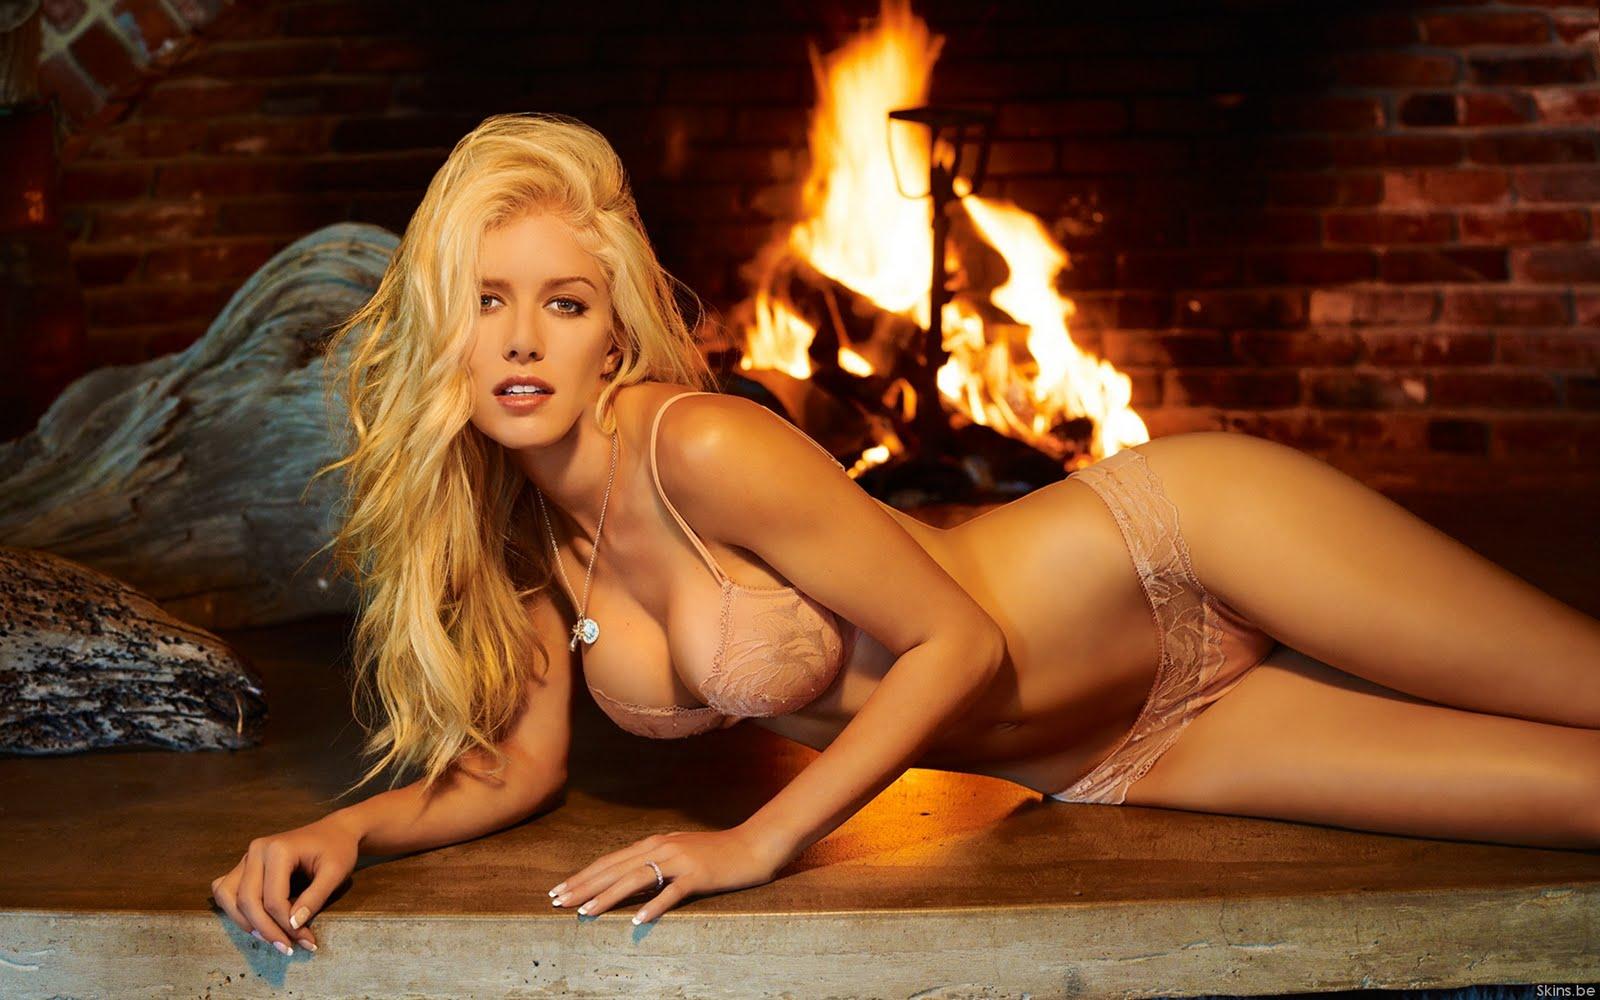 http://4.bp.blogspot.com/_9SWBPyEI9Vk/TUcRa-Sz3NI/AAAAAAAAAS8/rblXoiSbmWA/s1600/heidi-montag-1920x1200-sexywide.jpg